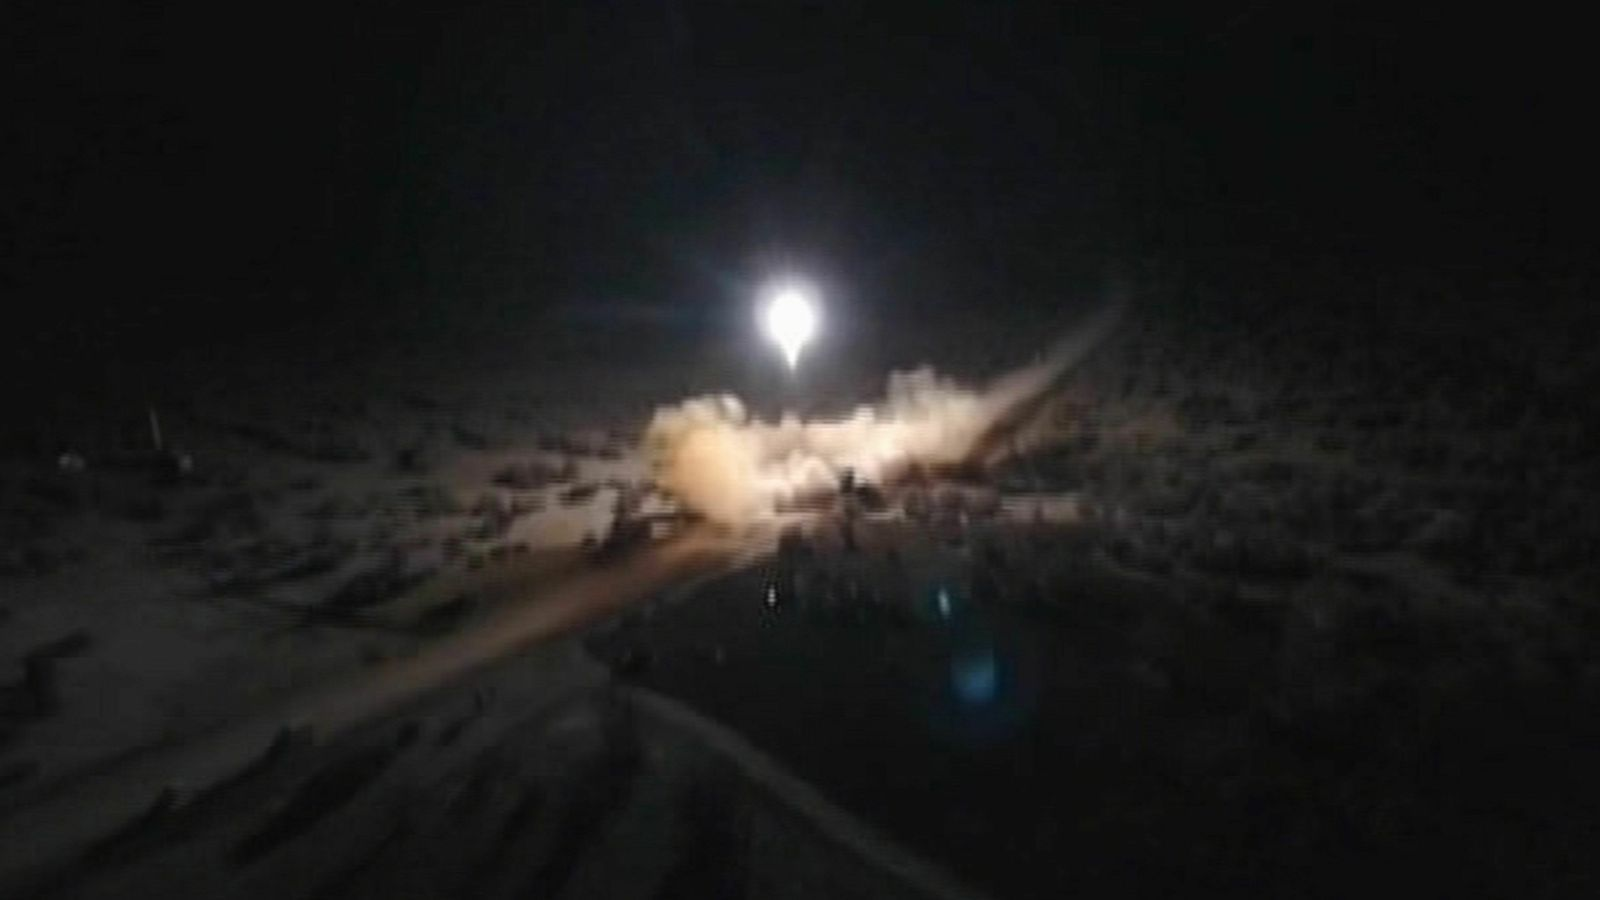 L'Iran ataca amb míssils l'exèrcit dels EUA a l'Iraq en resposta a l'assassinat de Soleimani